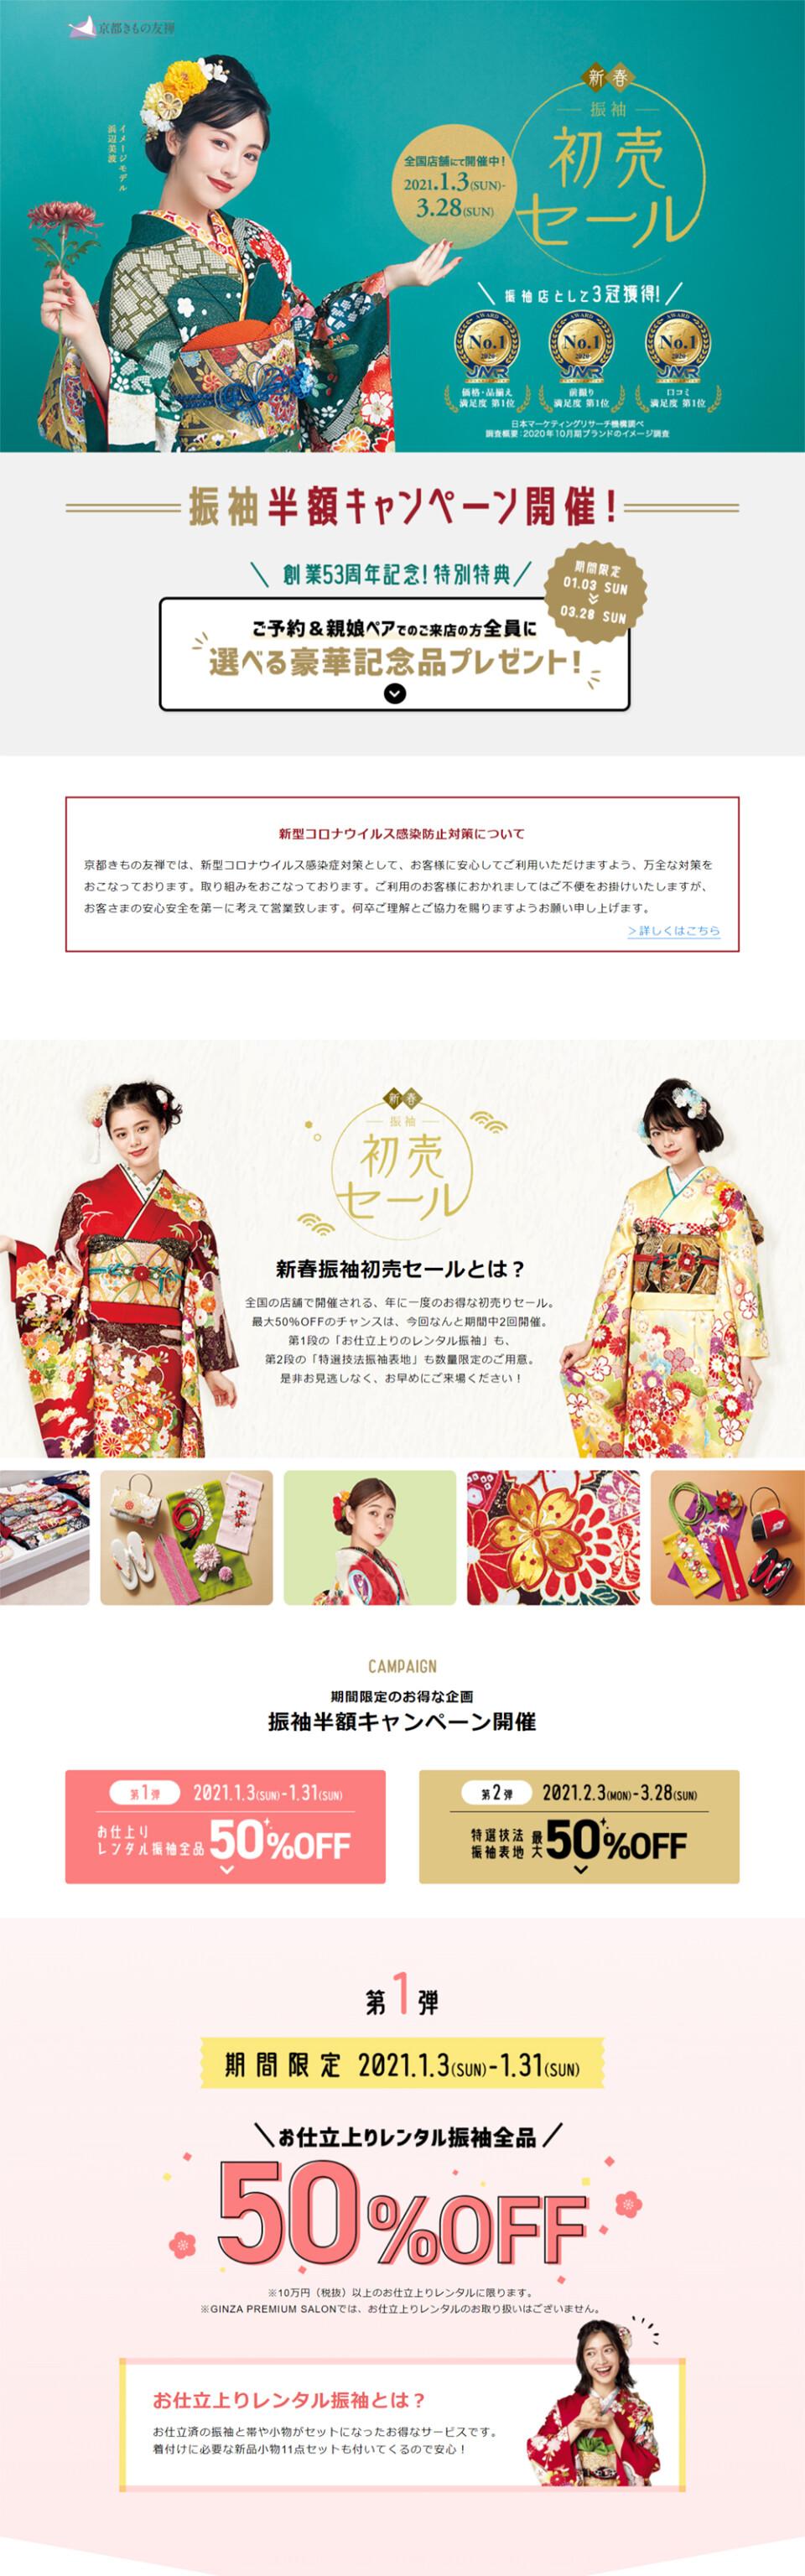 新春LP12251